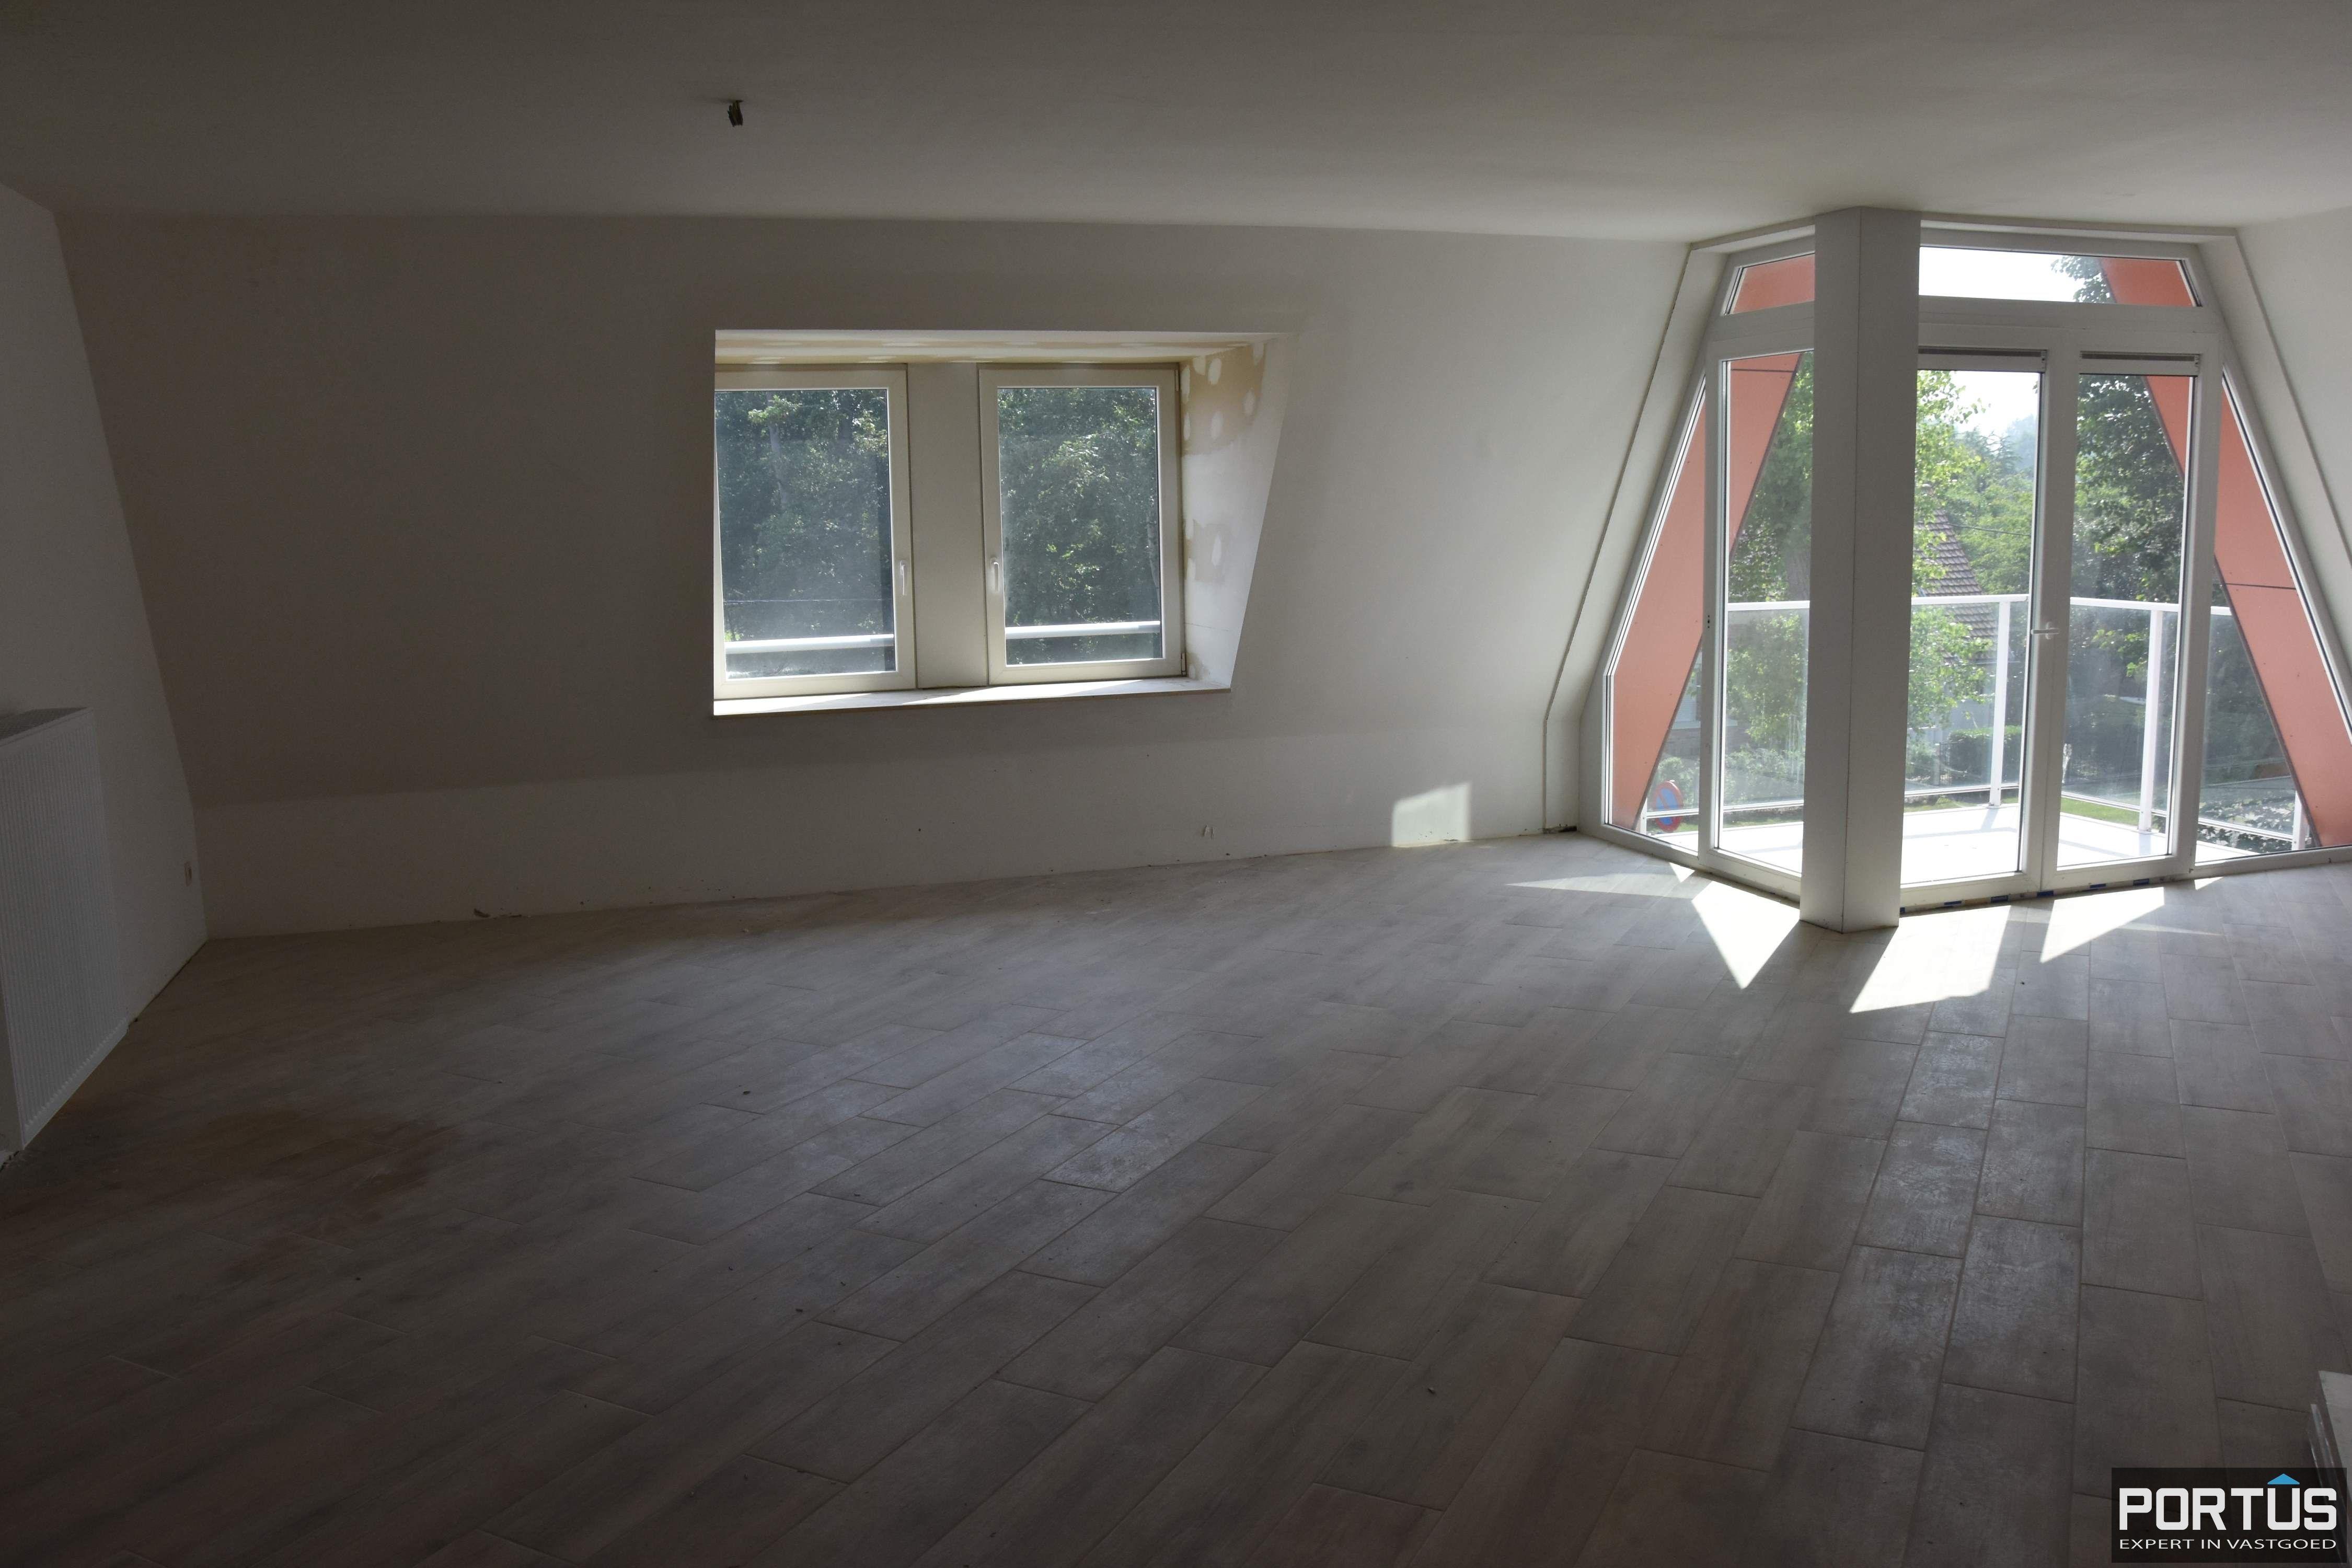 Appartement Residentie Villa Crombez Nieuwpoort - 8345